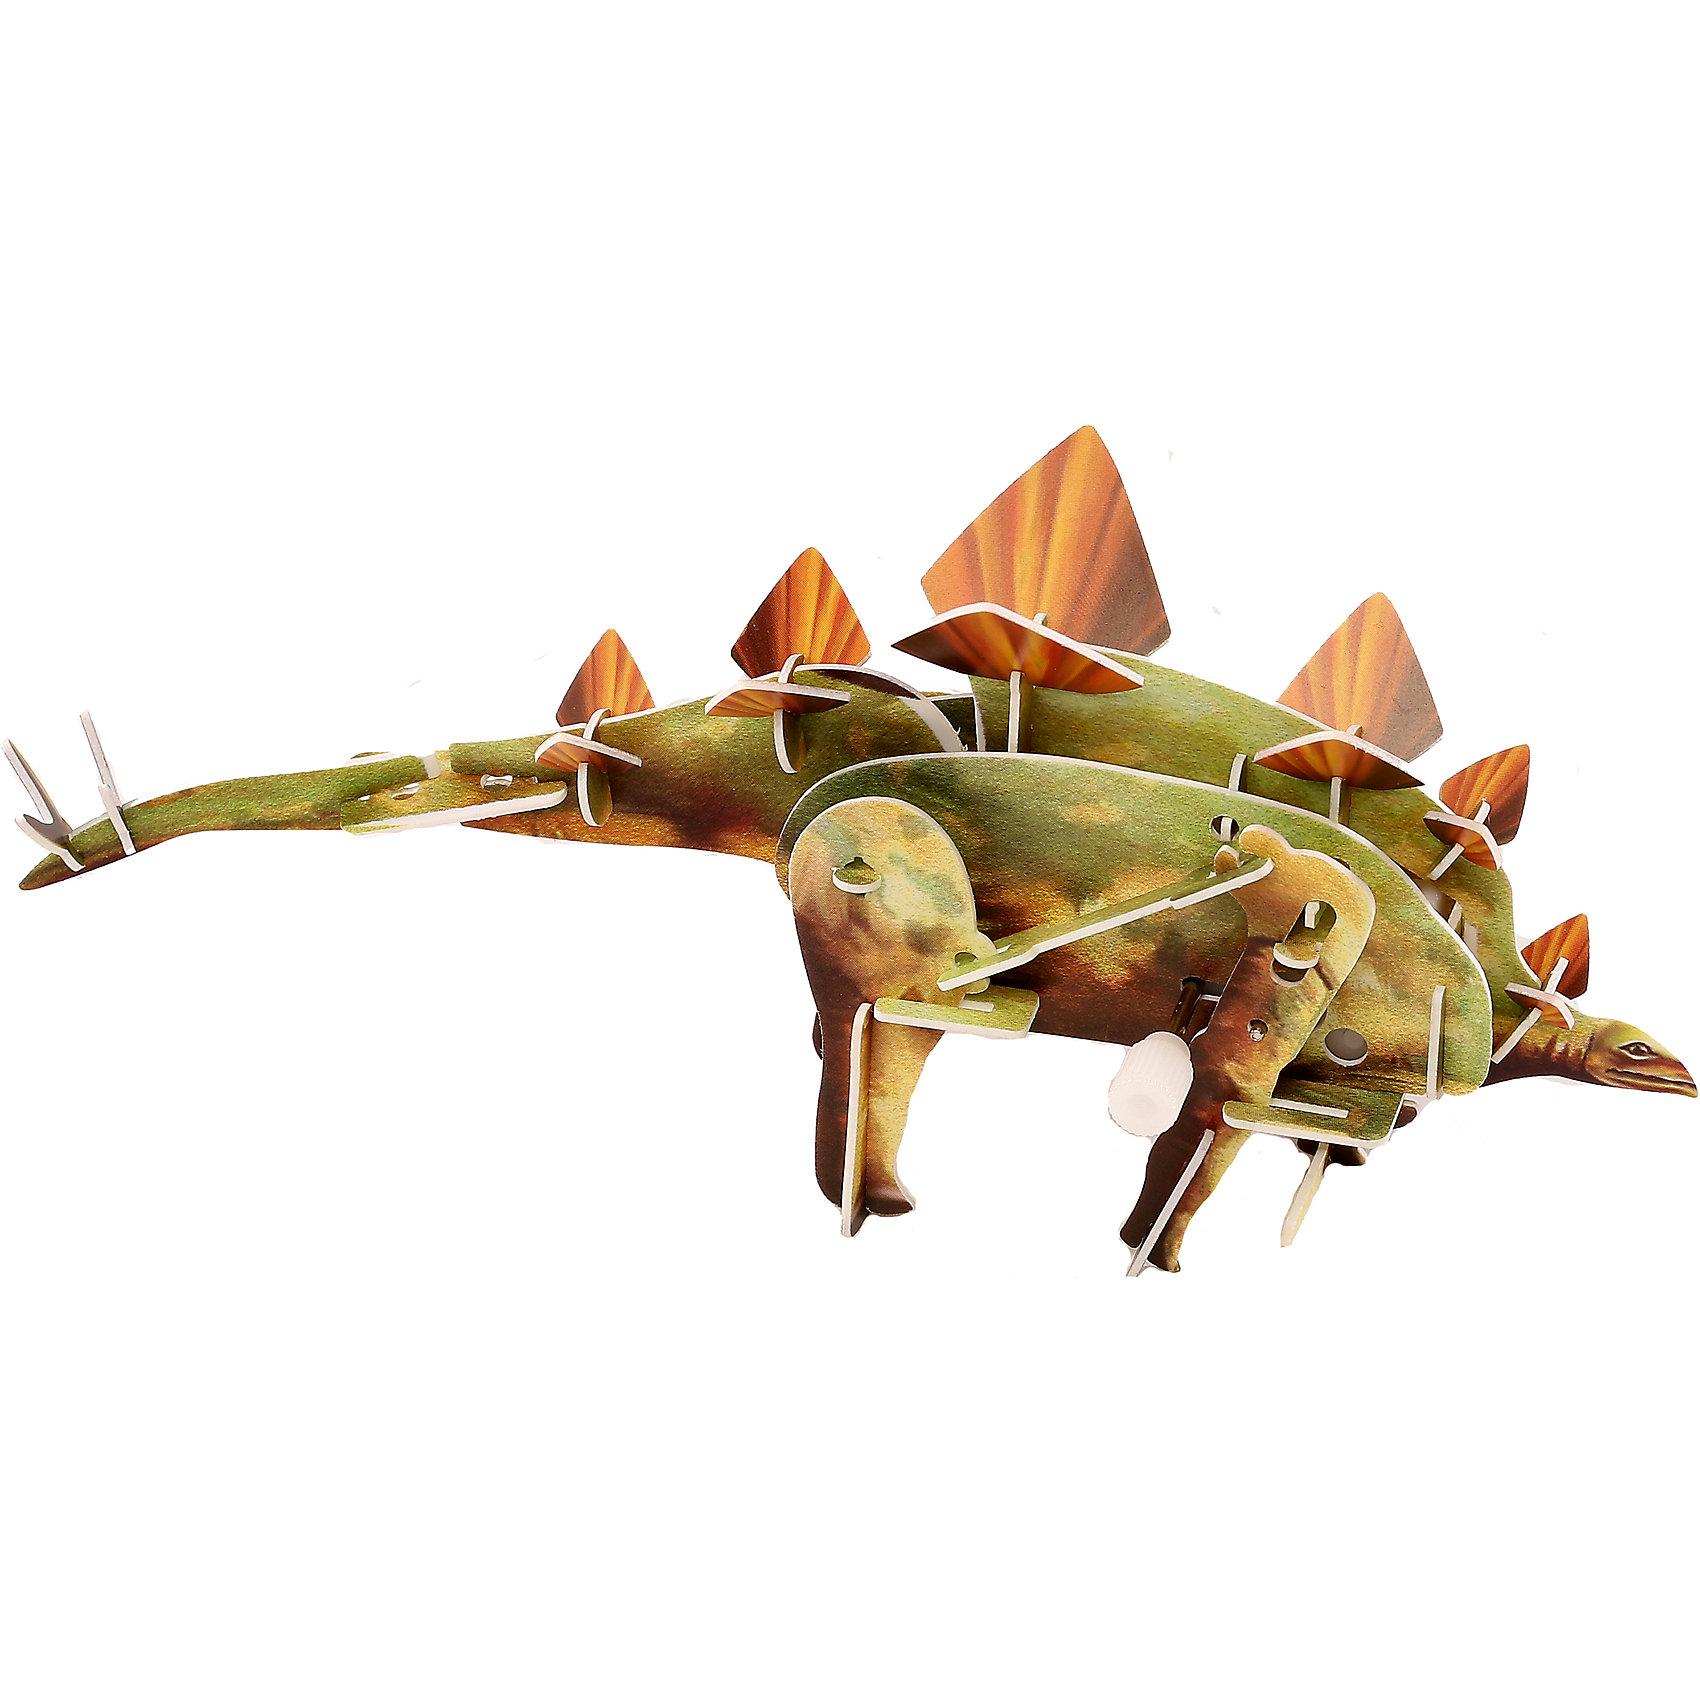 Конструктор – 3D пазл заводной: Стегозавр, UF3D пазлы<br>Заводной пазл «Стегозавр» - интересная головоломка для детей старше 6-ти лет. Ребенку нужно будет своими руками собрать объемную фигурку динозавра. Она собирается из пластиковых деталей, которые предварительно извлекаются из специальных листов. Сборка осуществляется без применения клея. Среди деталей имеется соединяющий заводной механизм. После сборки фигурка способна двигаться. Просто покрутите завод, и фигурка стегозавра начнет движение, перебирая ногами!<br><br>Ширина мм: 135<br>Глубина мм: 100<br>Высота мм: 25<br>Вес г: 47<br>Возраст от месяцев: 72<br>Возраст до месяцев: 1188<br>Пол: Унисекс<br>Возраст: Детский<br>SKU: 5516772